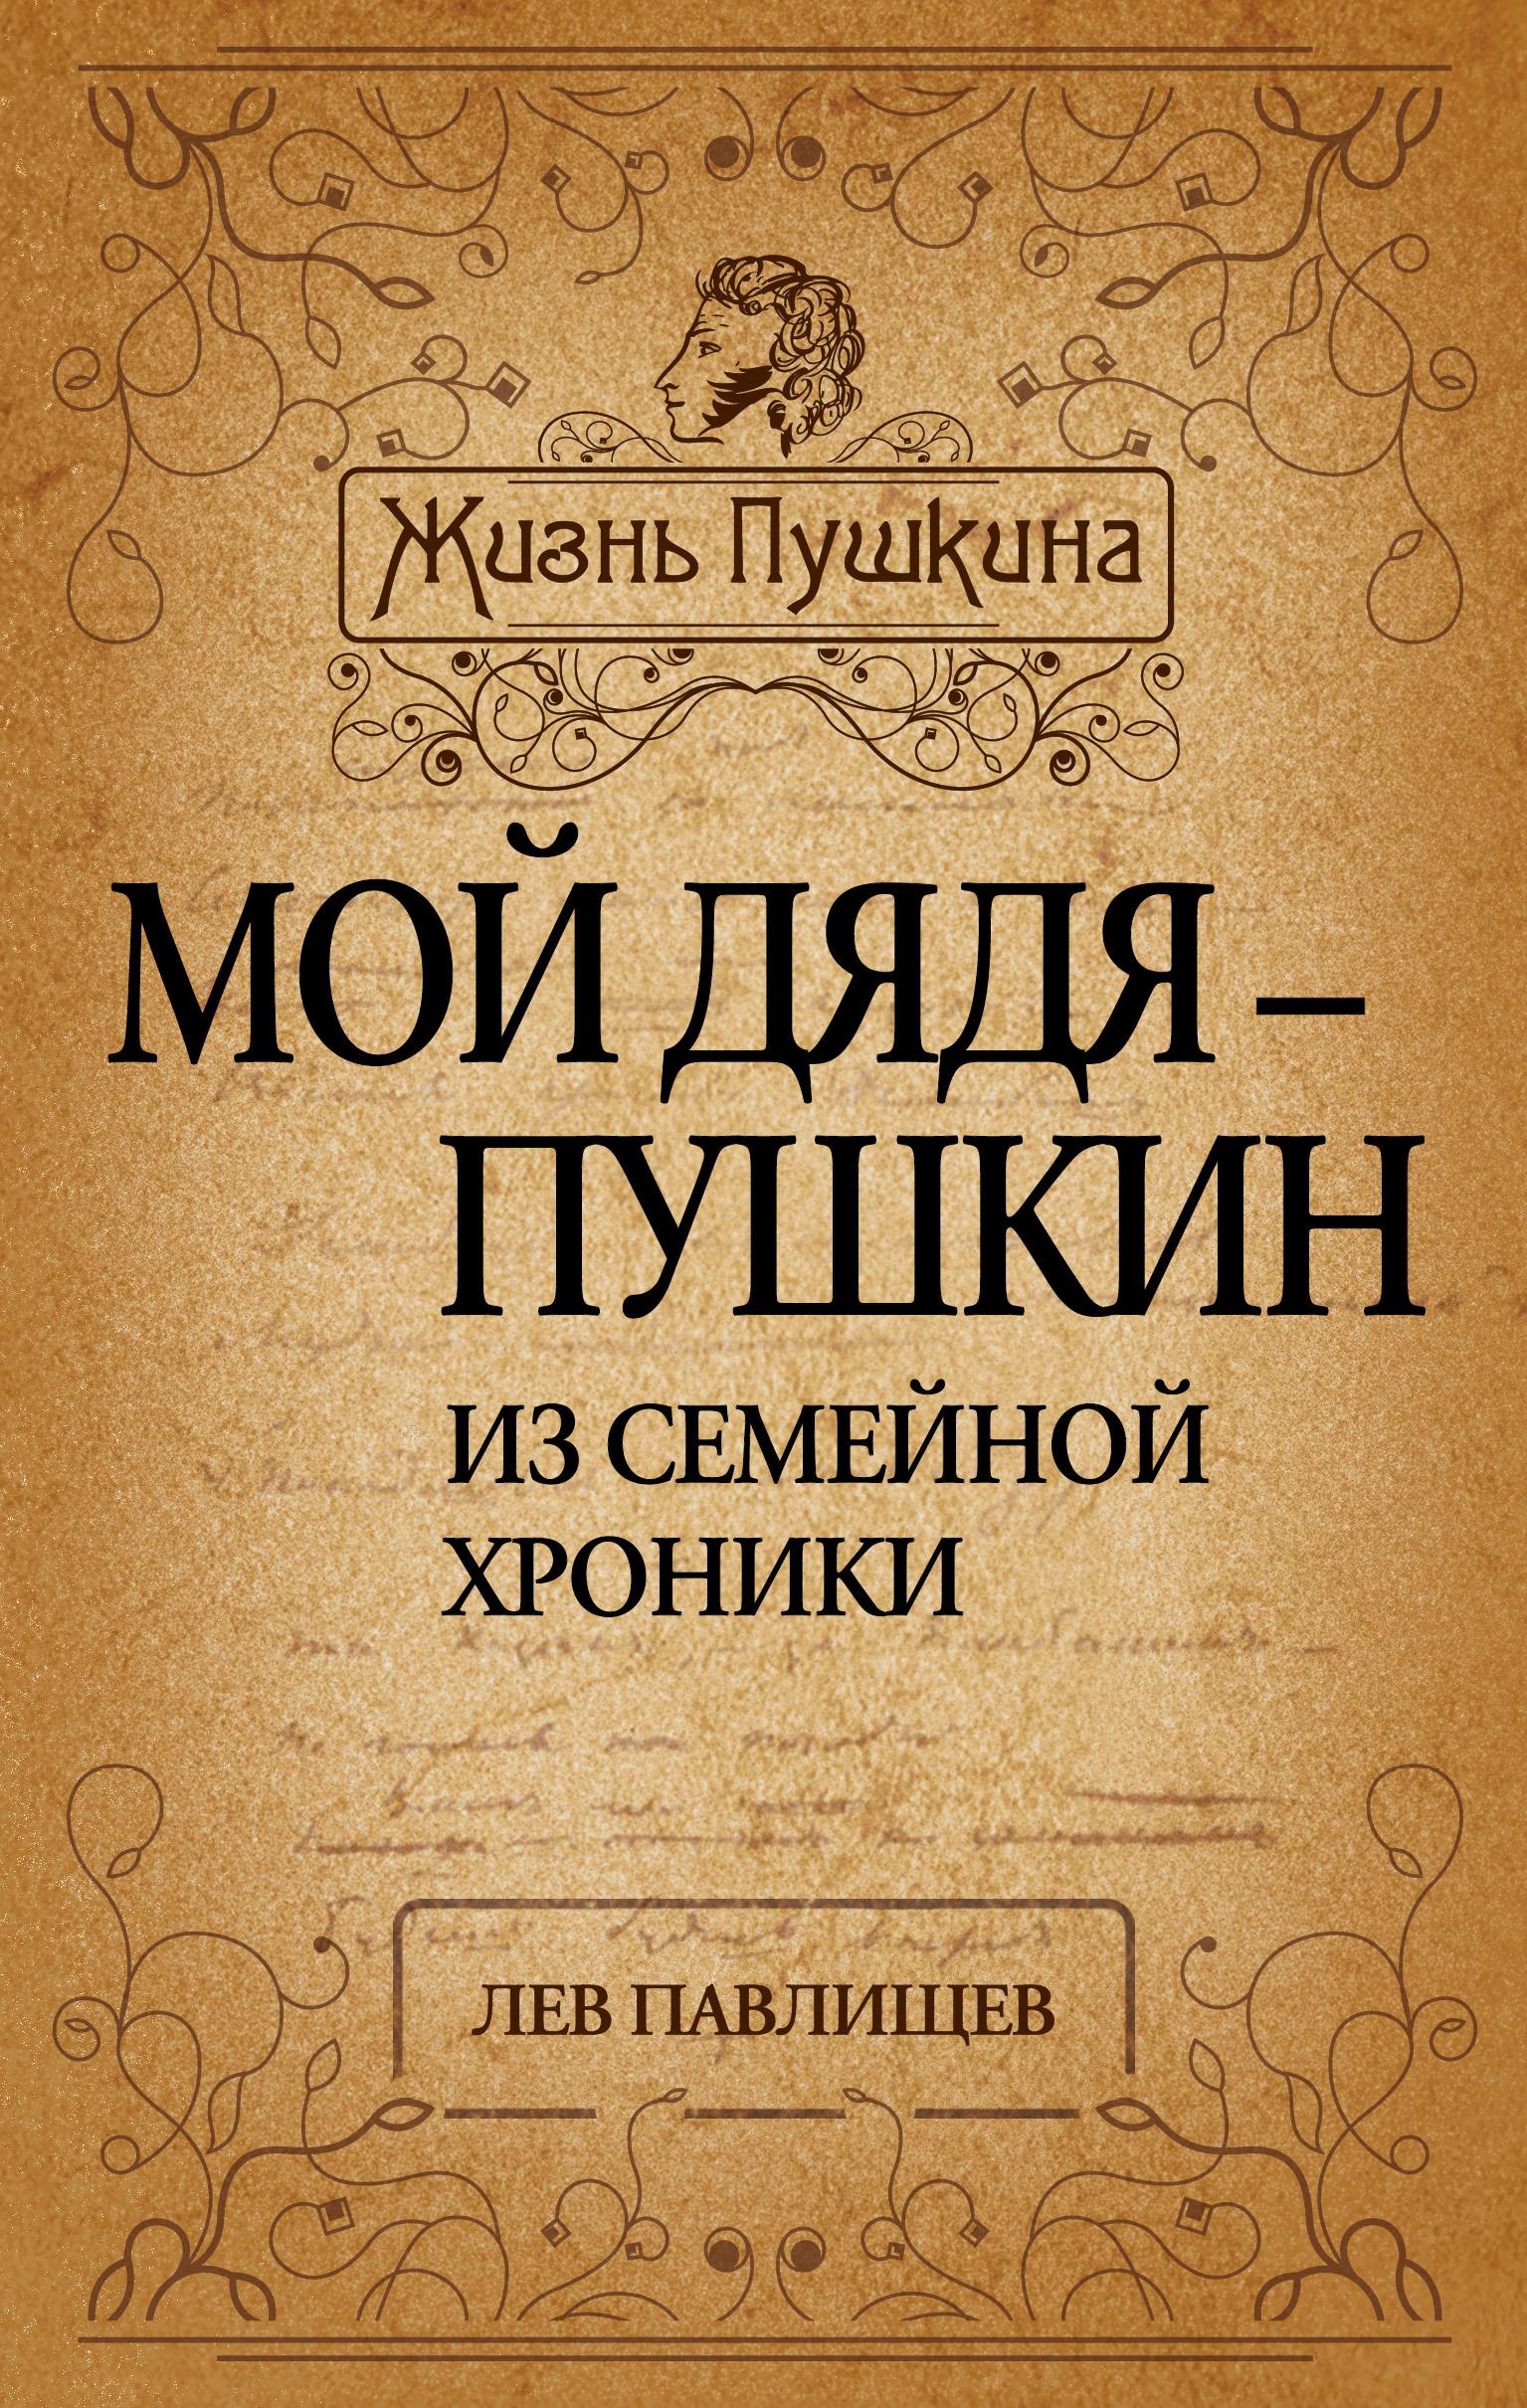 Мой дядя – Пушкин. Из семейной хроники